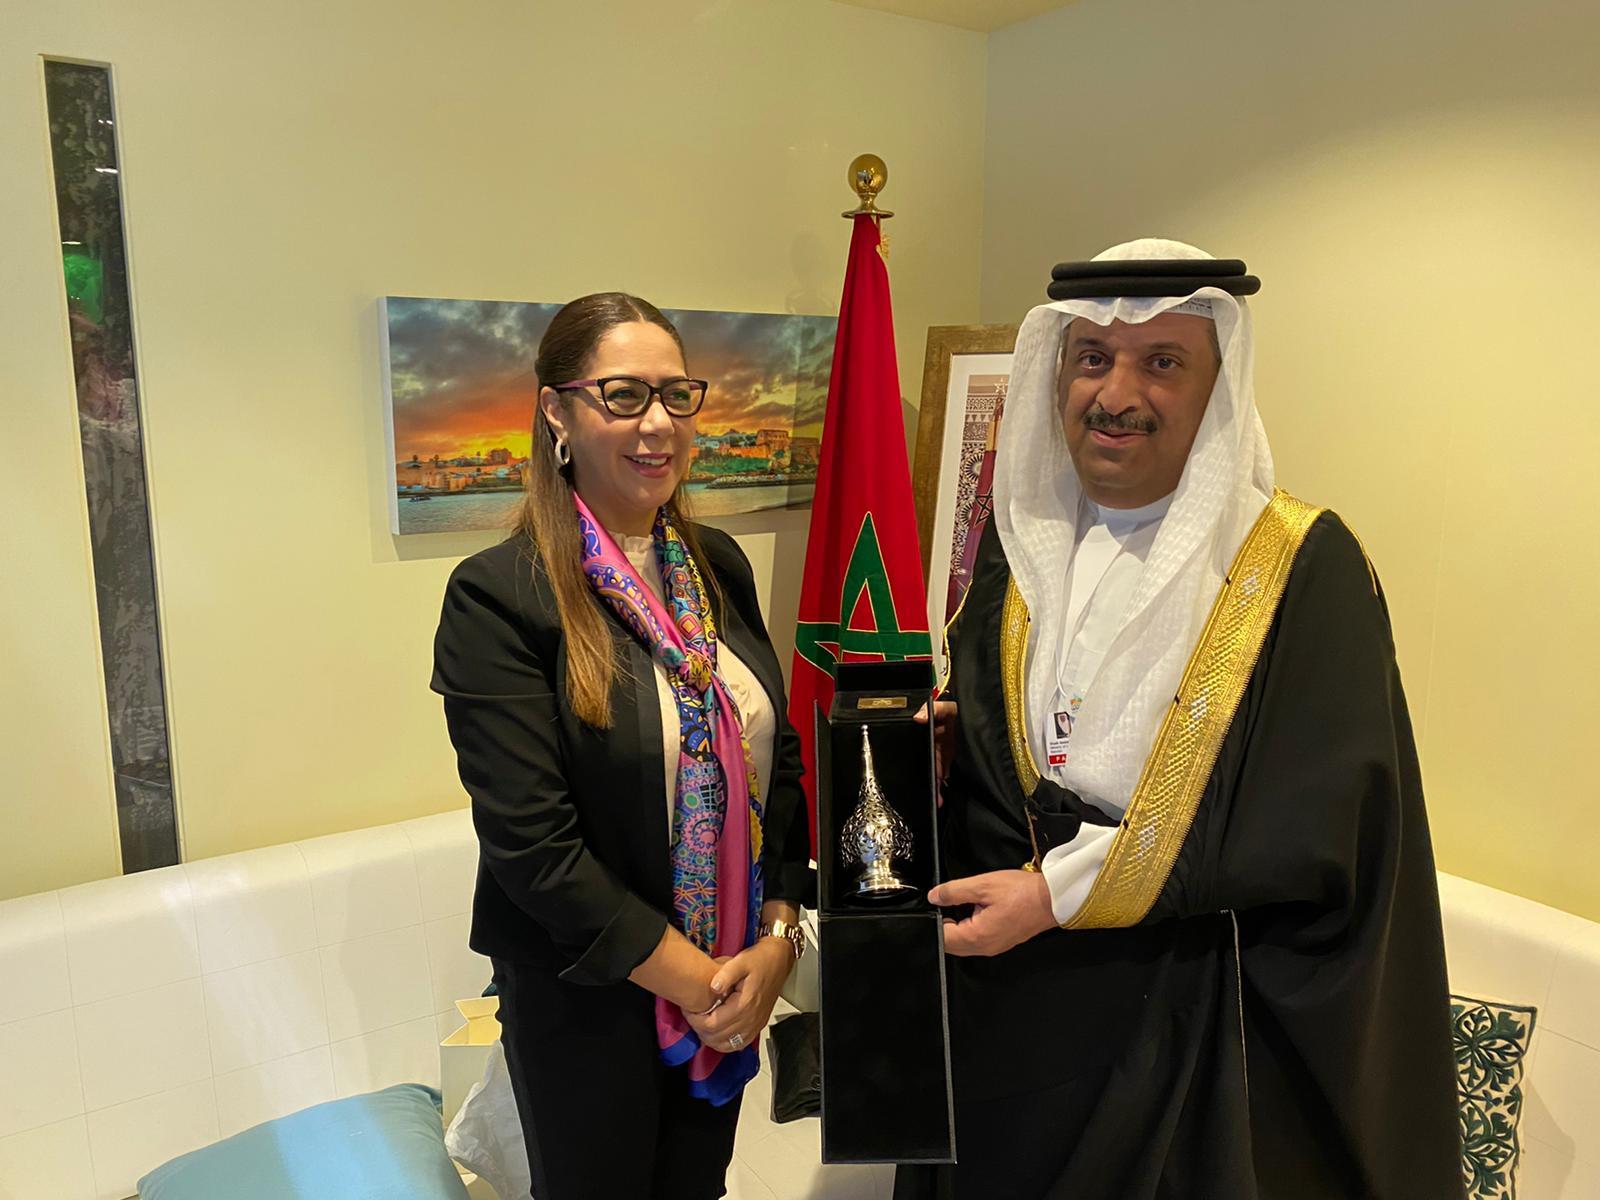 الشيخ عبد الله بن أحمد يستعرض أهم البرامج الإسكانية مع وزيرة الإسكان المغربية